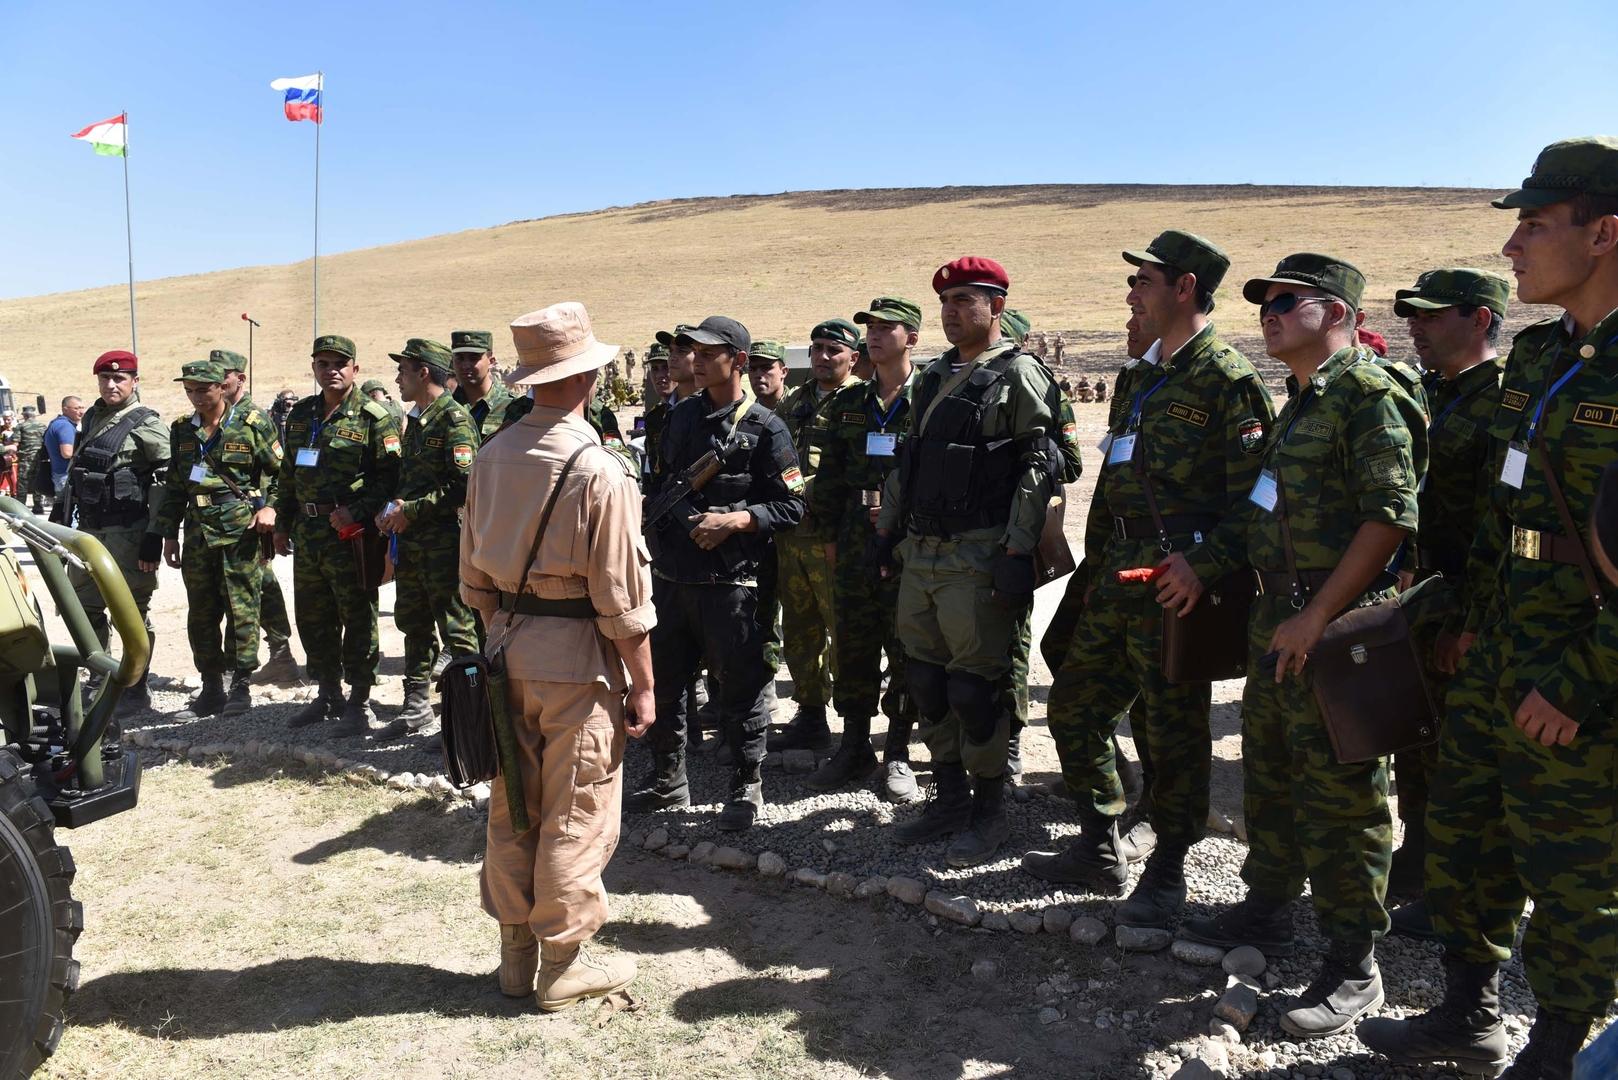 الخارجية الروسية: مستعدون لتقديم مساعدة لطاجيكستان في حال تفاقم الوضع على حدودها مع أفغانستان